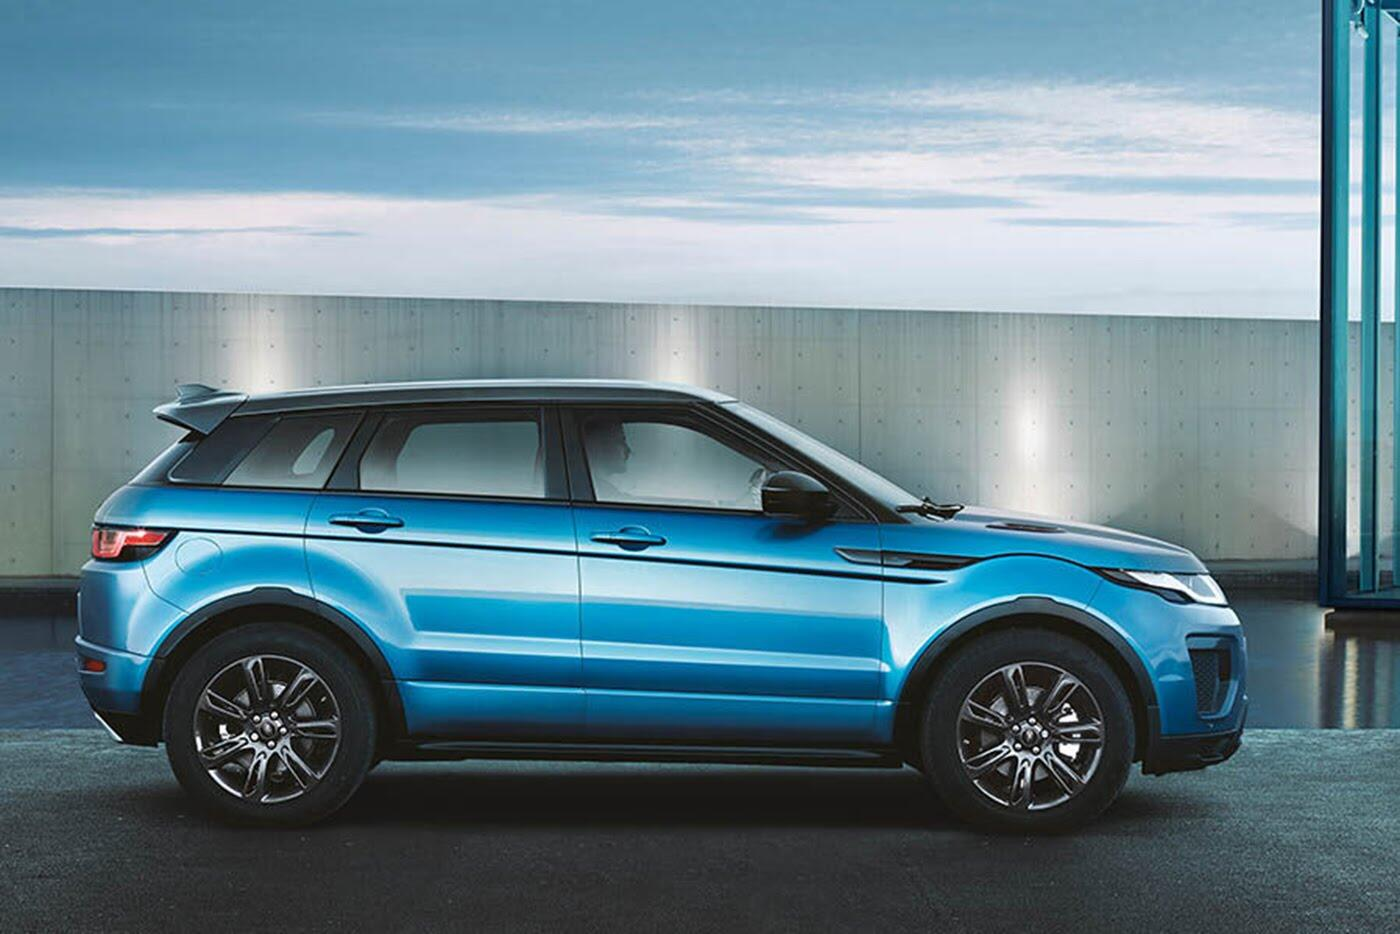 Range Rover Evoque Landmark bản đặc biệt có giá từ 74.350 USD - Hình 3